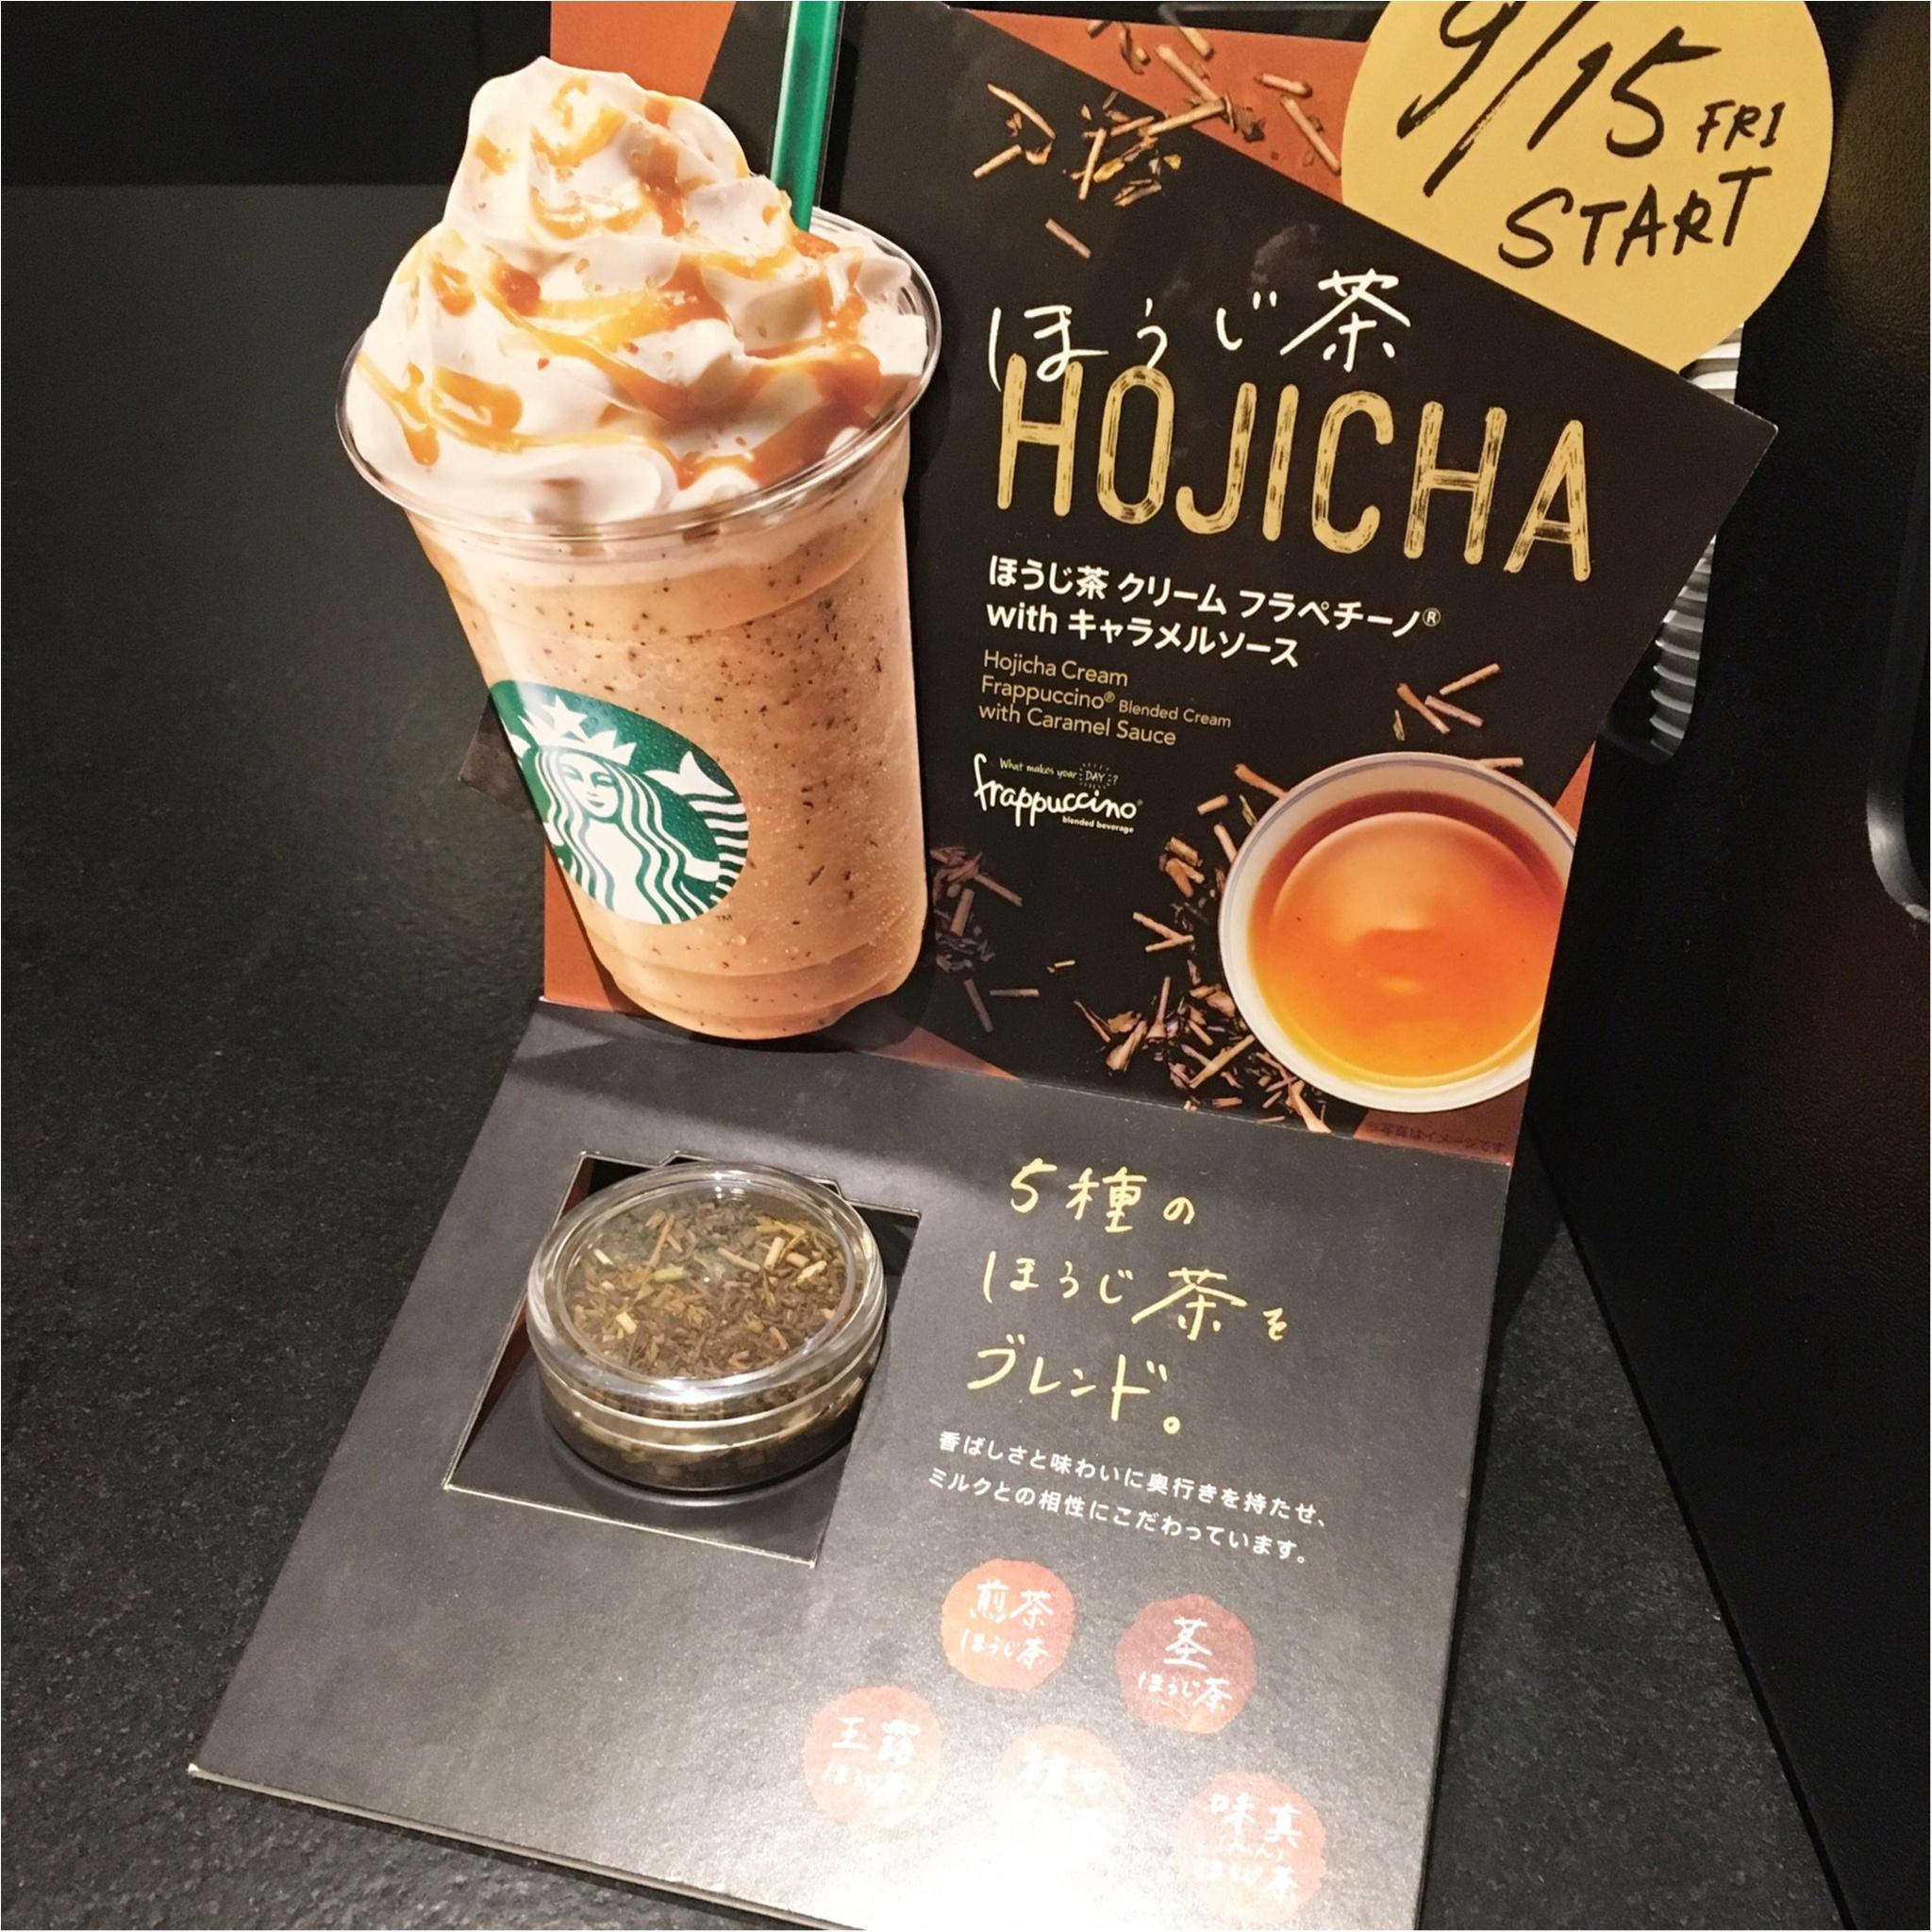 【スタバ】ほうじ茶クリームフラペチーノはどこか懐かしい◯◯の味がする♡♡_3